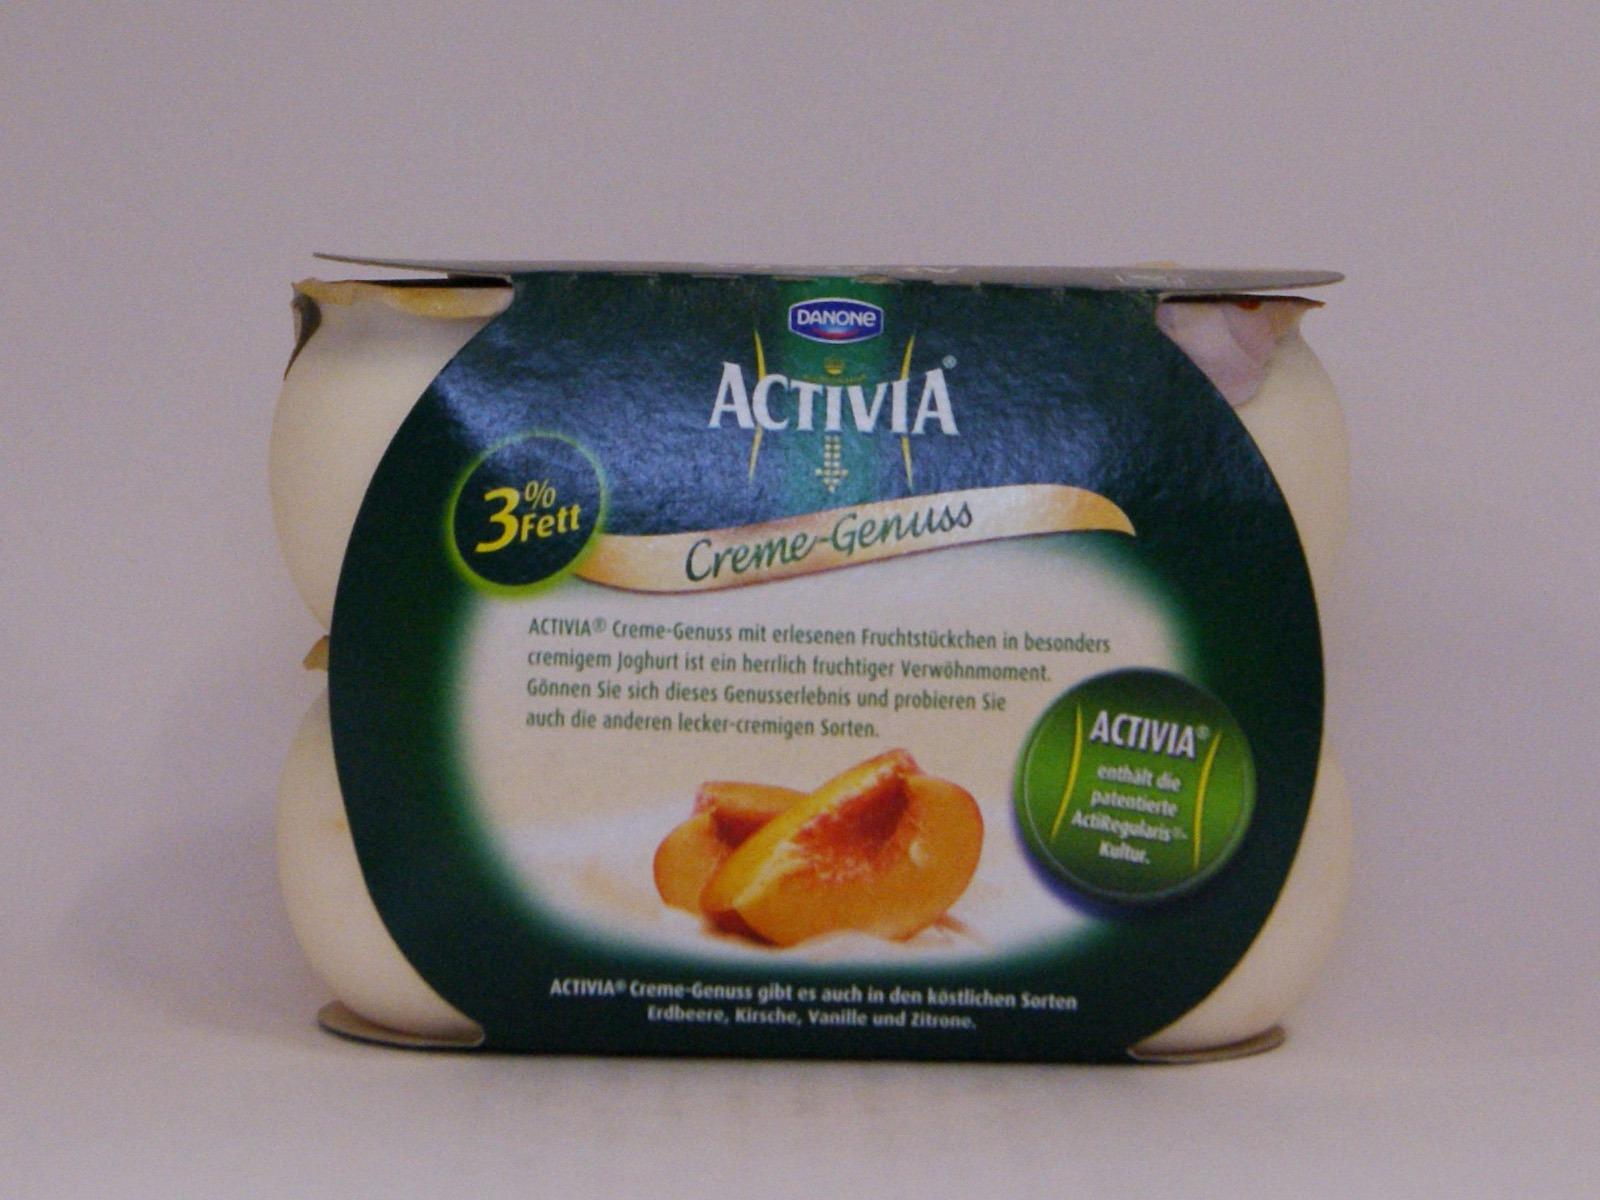 Activia Creme-Genuss Pfirsich